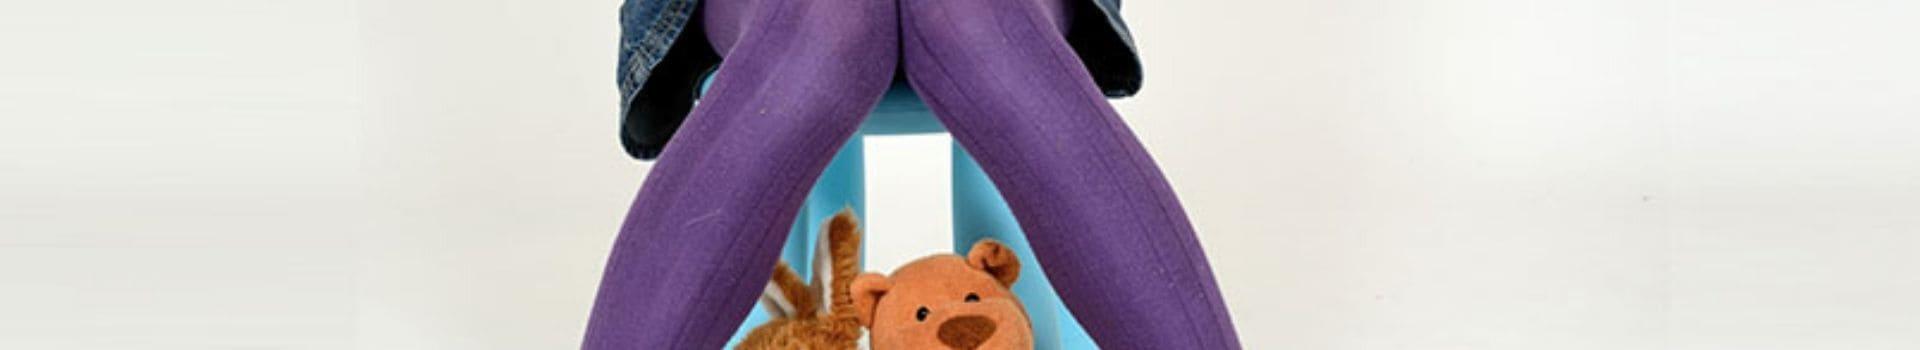 produzione calze collant per bambini